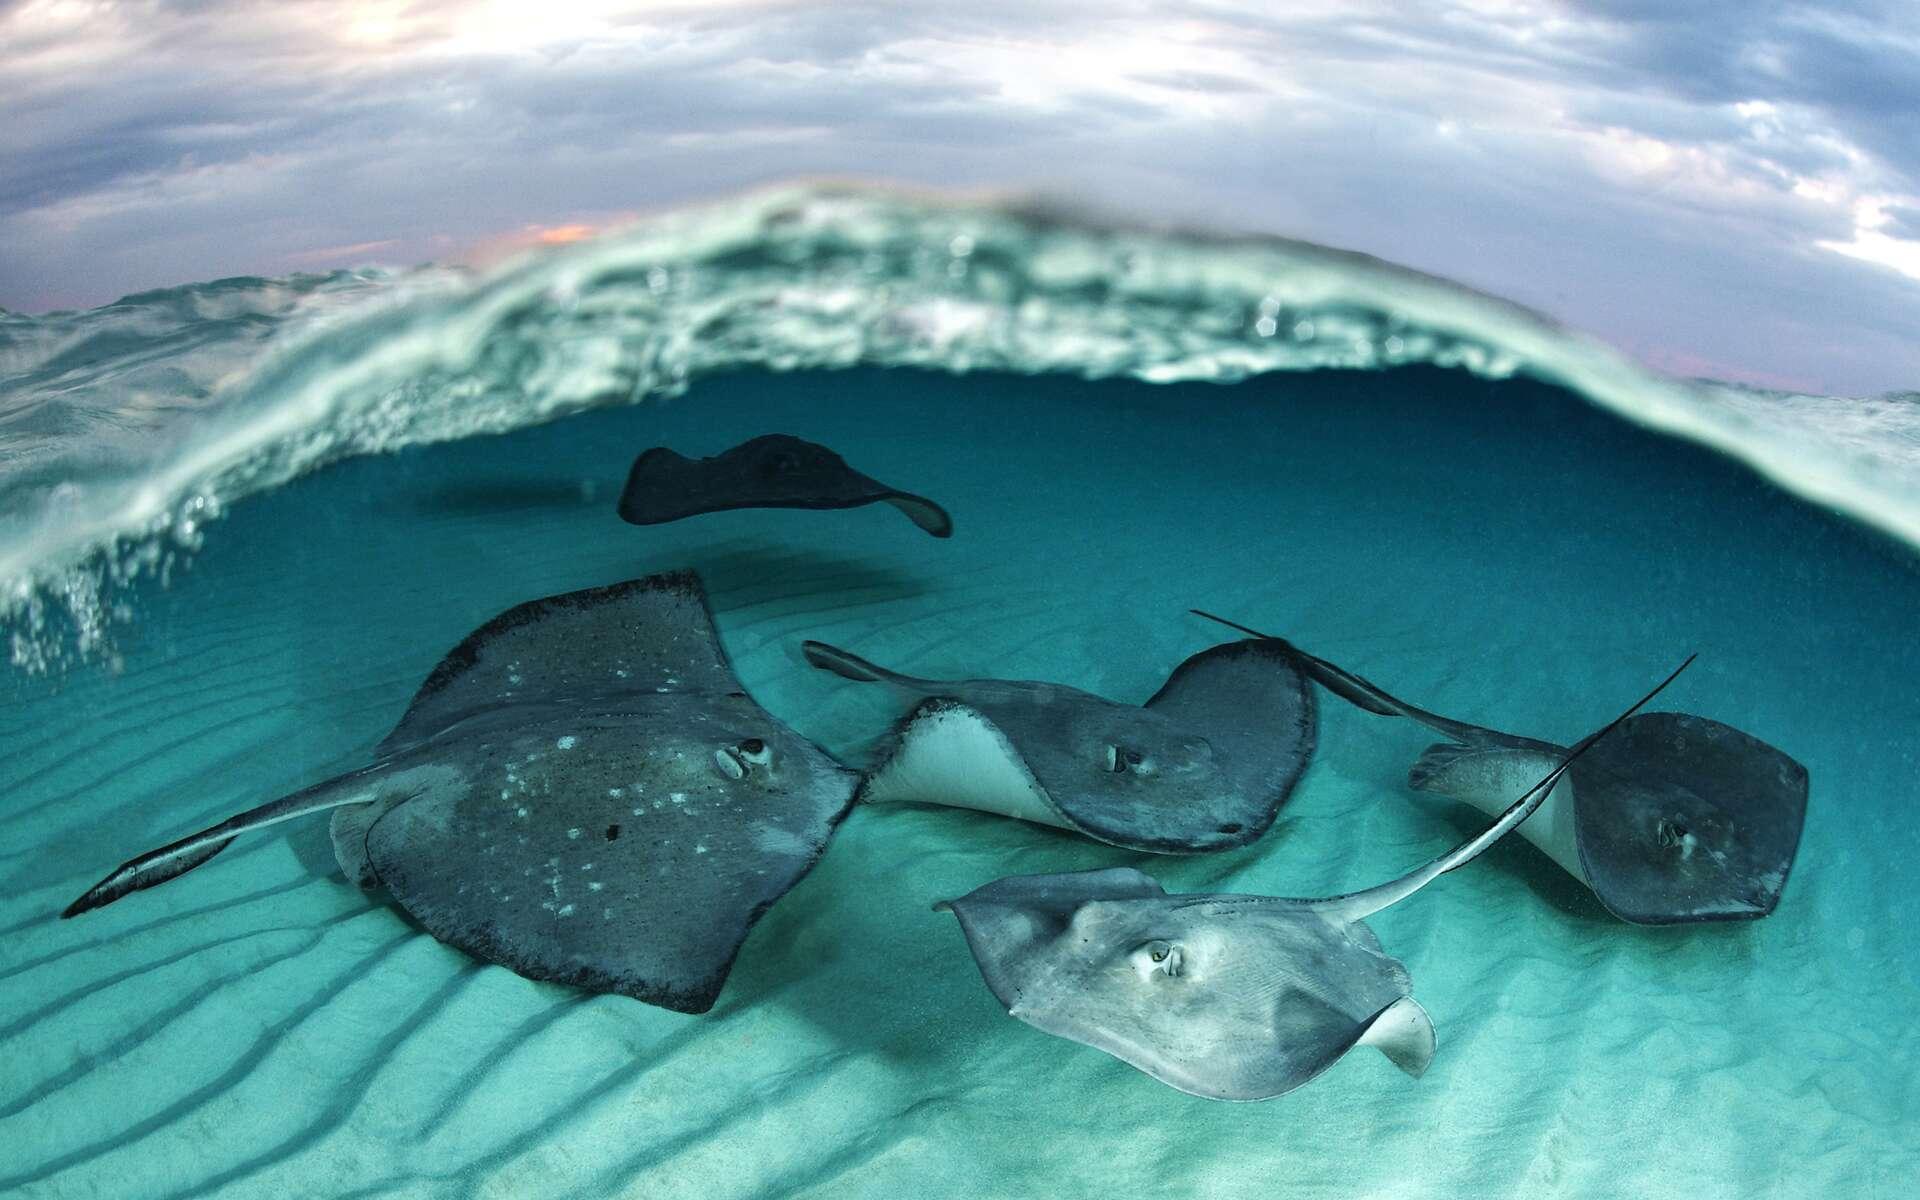 Sous la couverture, des trésors et des mystères... L'image a valu à son auteur, Davide Vezzaro, une médaille d'or à l'issue de l'édition 2012 du Festival mondial de l'image sous-marine. © Davide Vezzaro